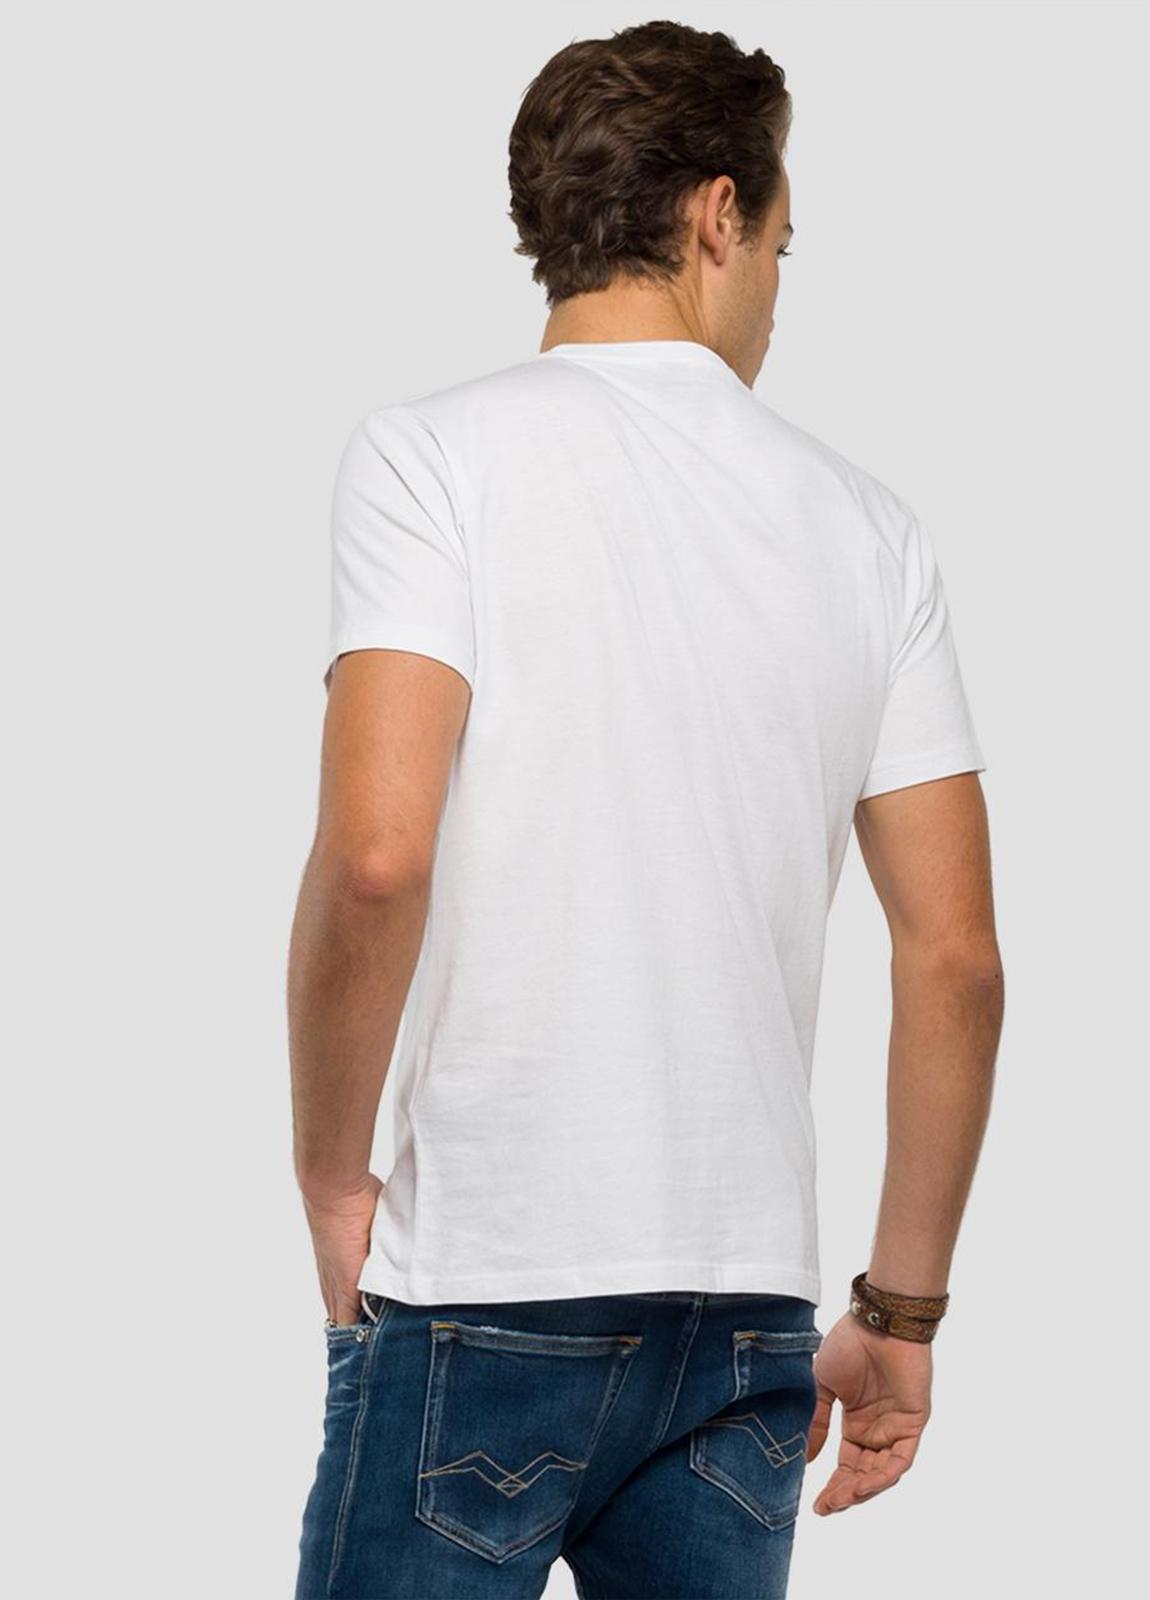 Camiseta manga corta color blanco con estampado de mandril.100% Algodón. - Ítem3